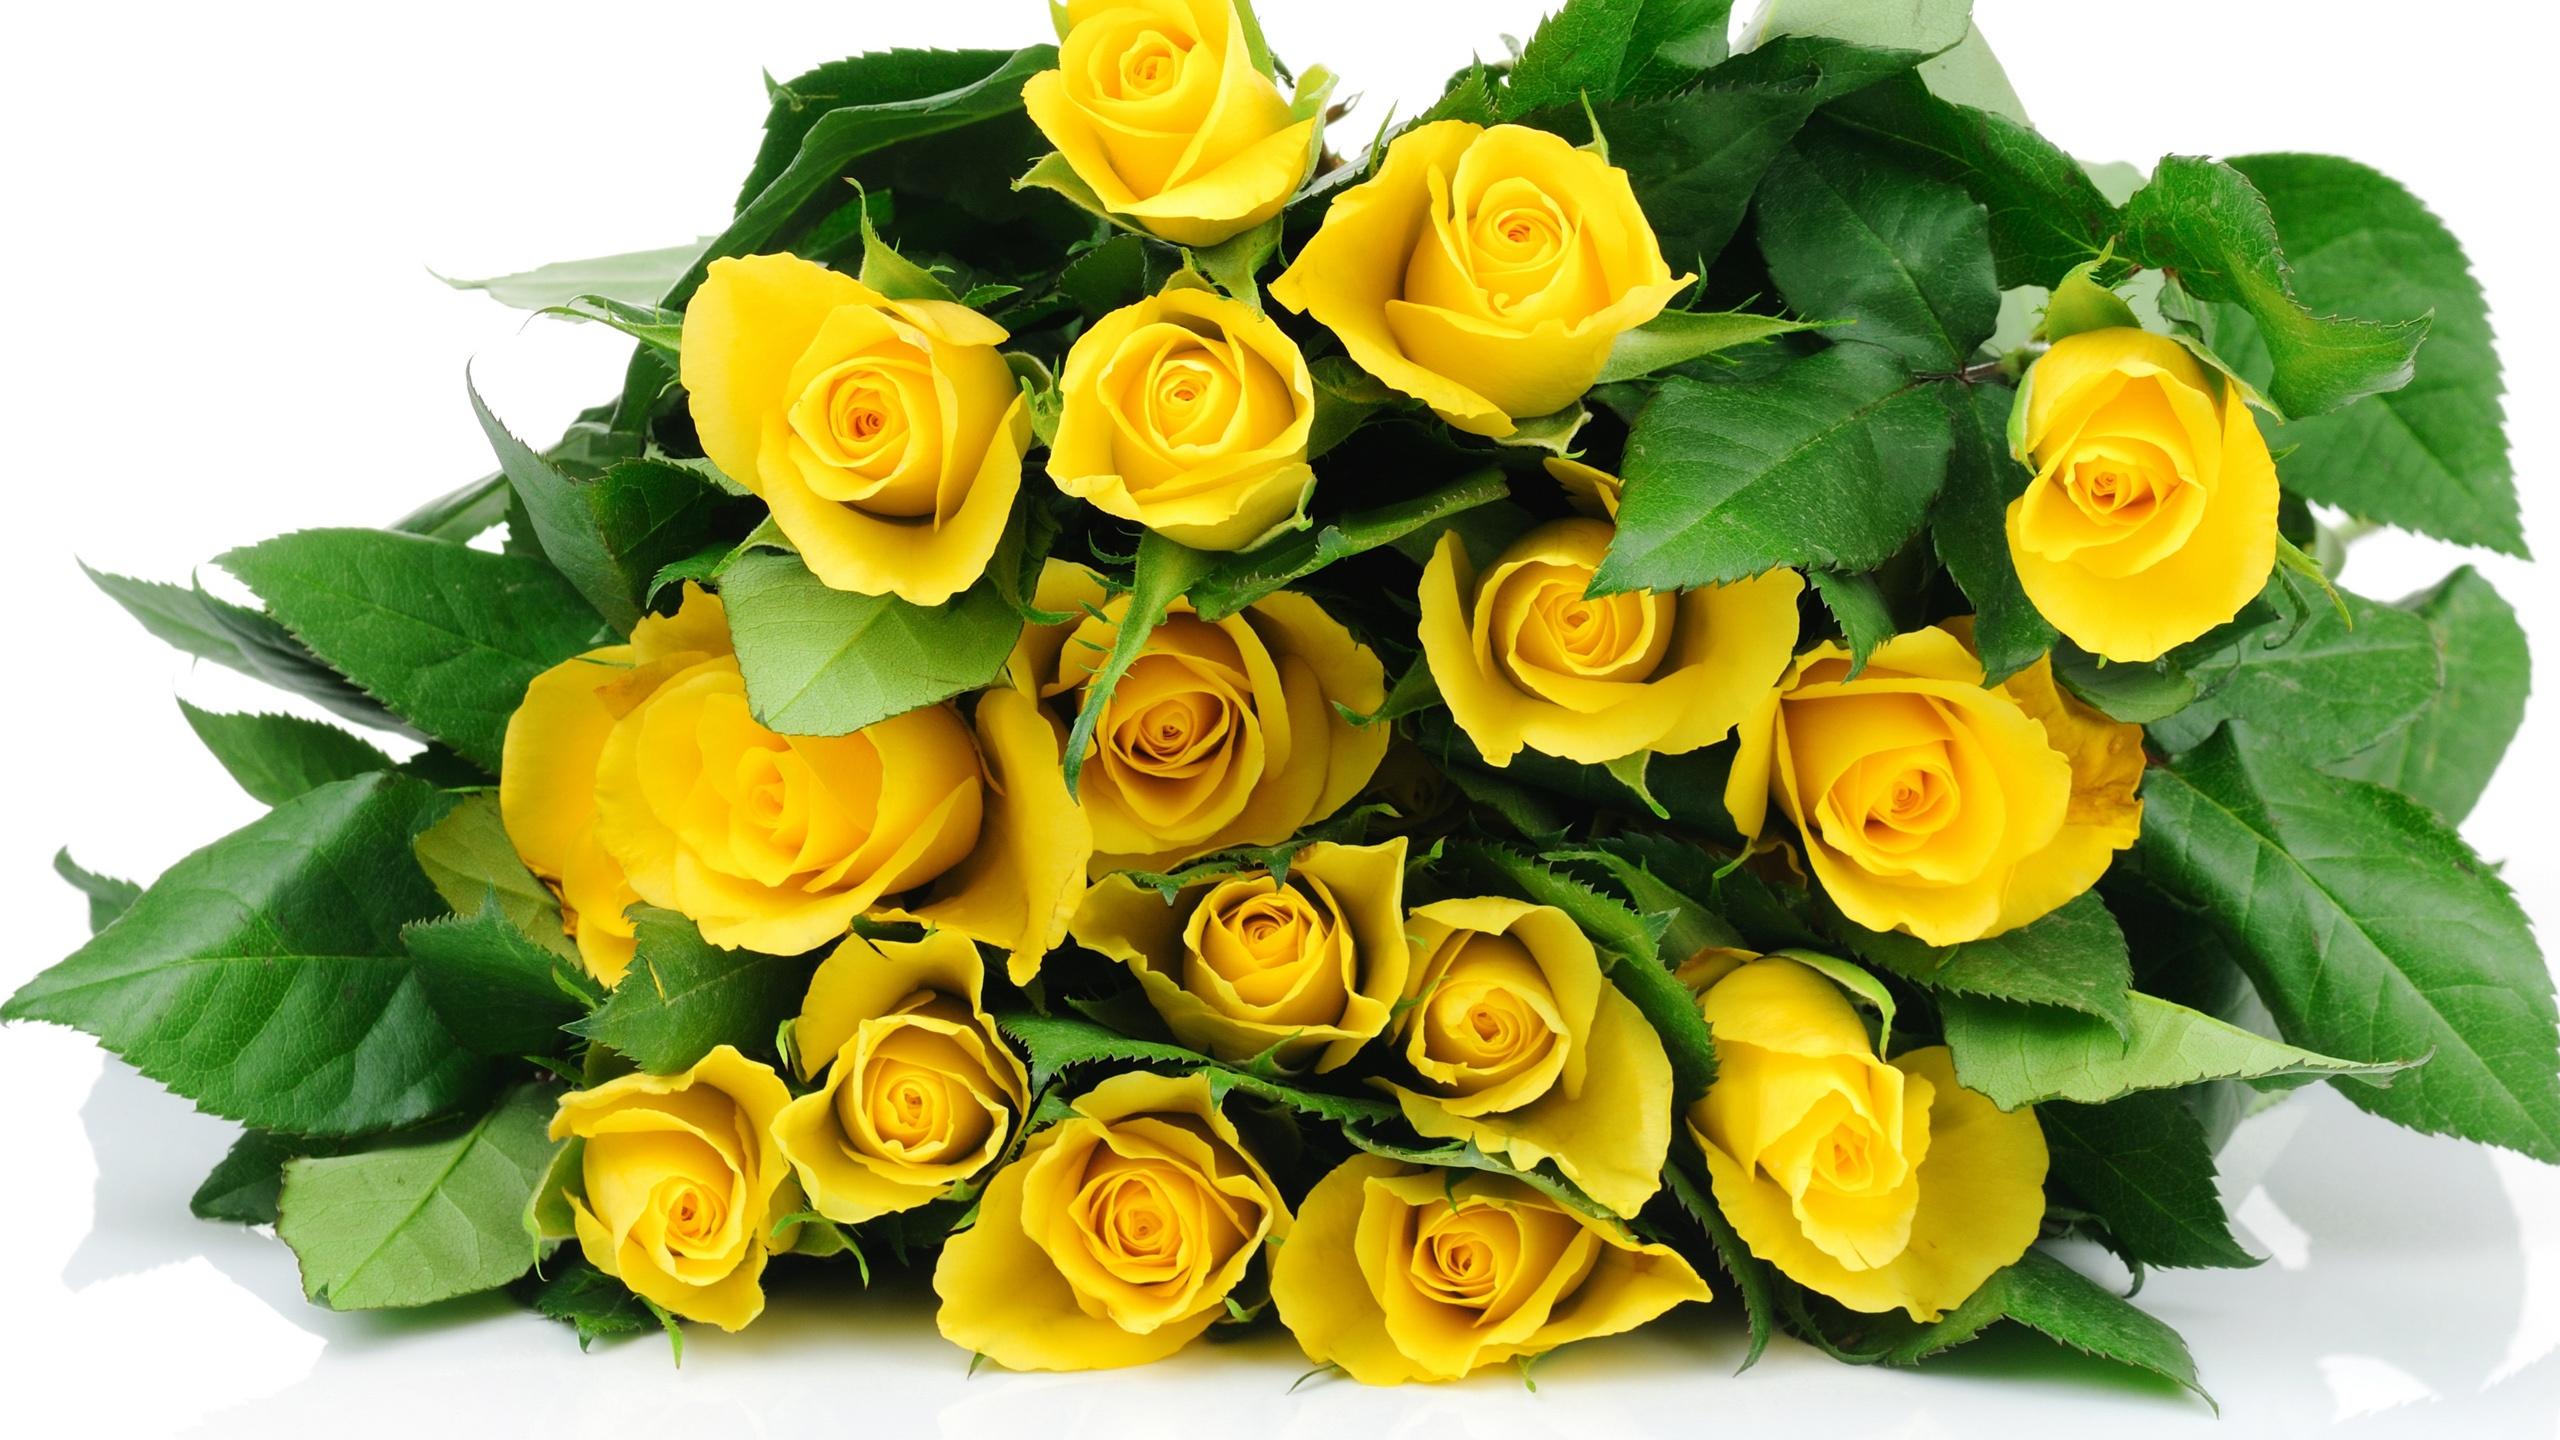 Fonds D Ecran A Bouquet Fleurs Roses Jaunes 2560x1440 Qhd Image